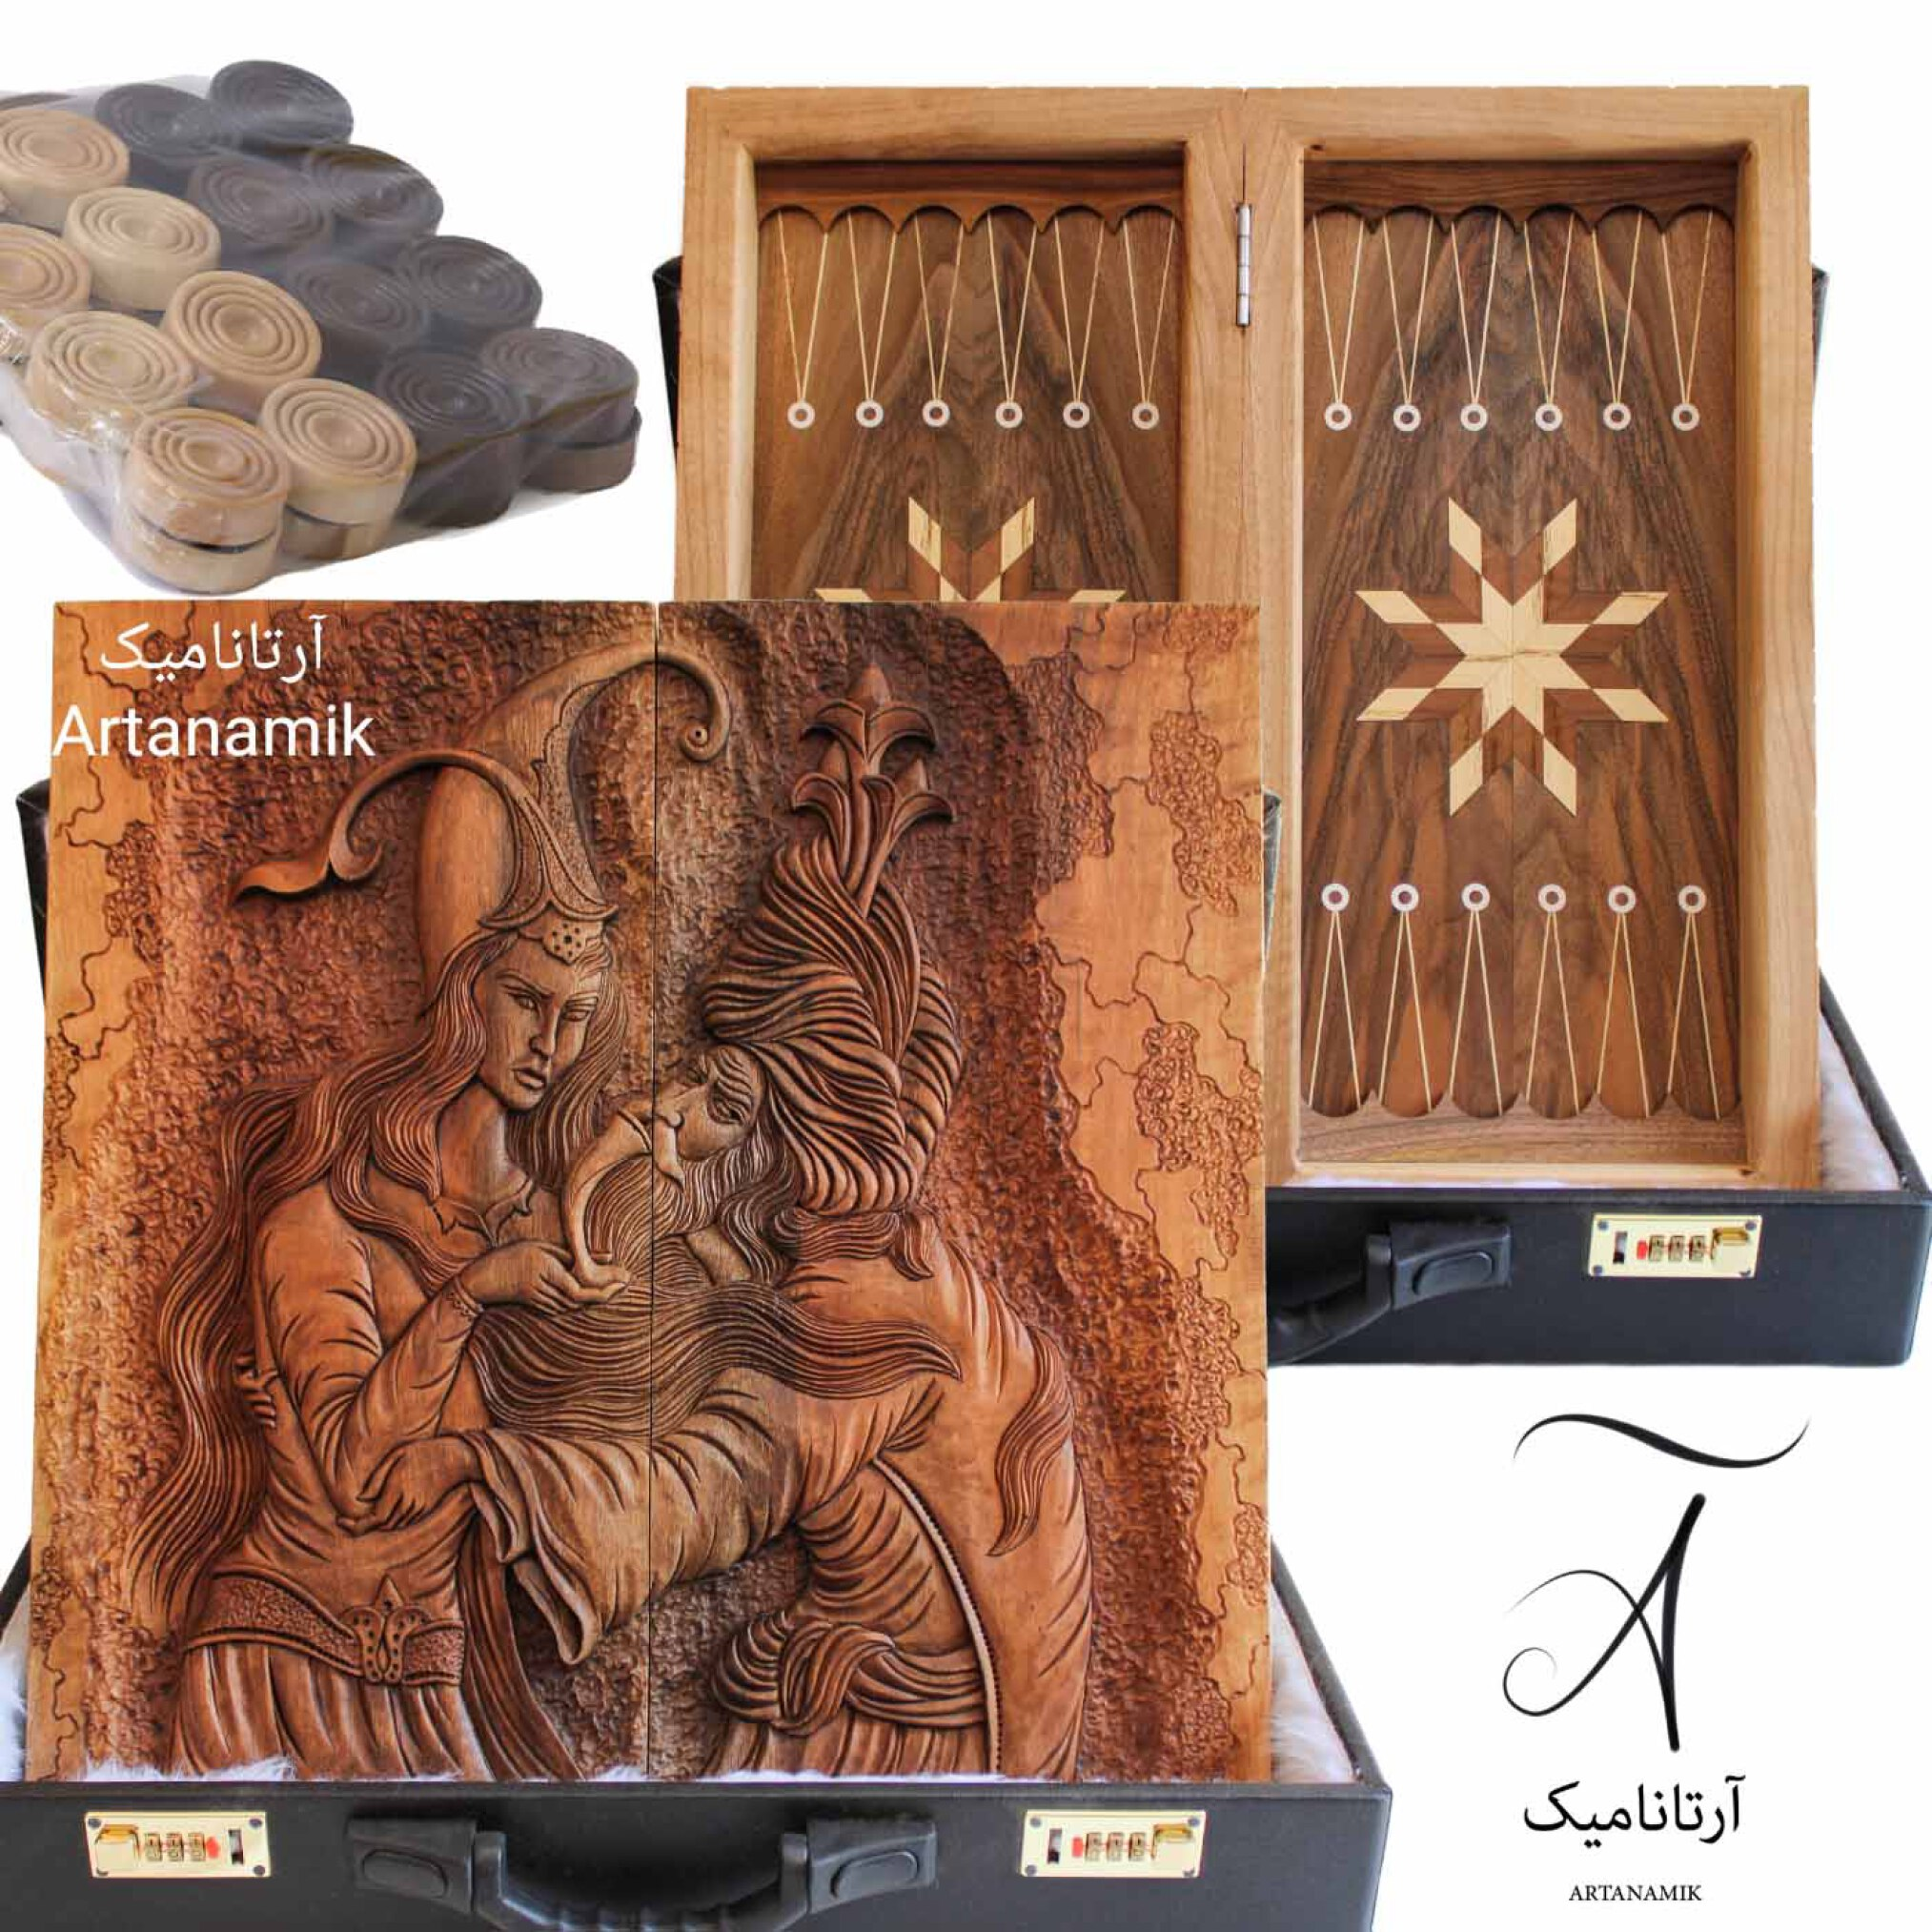 تخته نرد منبت کاری طرح شیخ صنعان، تخته نرد کادویی و تخته نرد نفیس، ساخته شده از چوب گردو